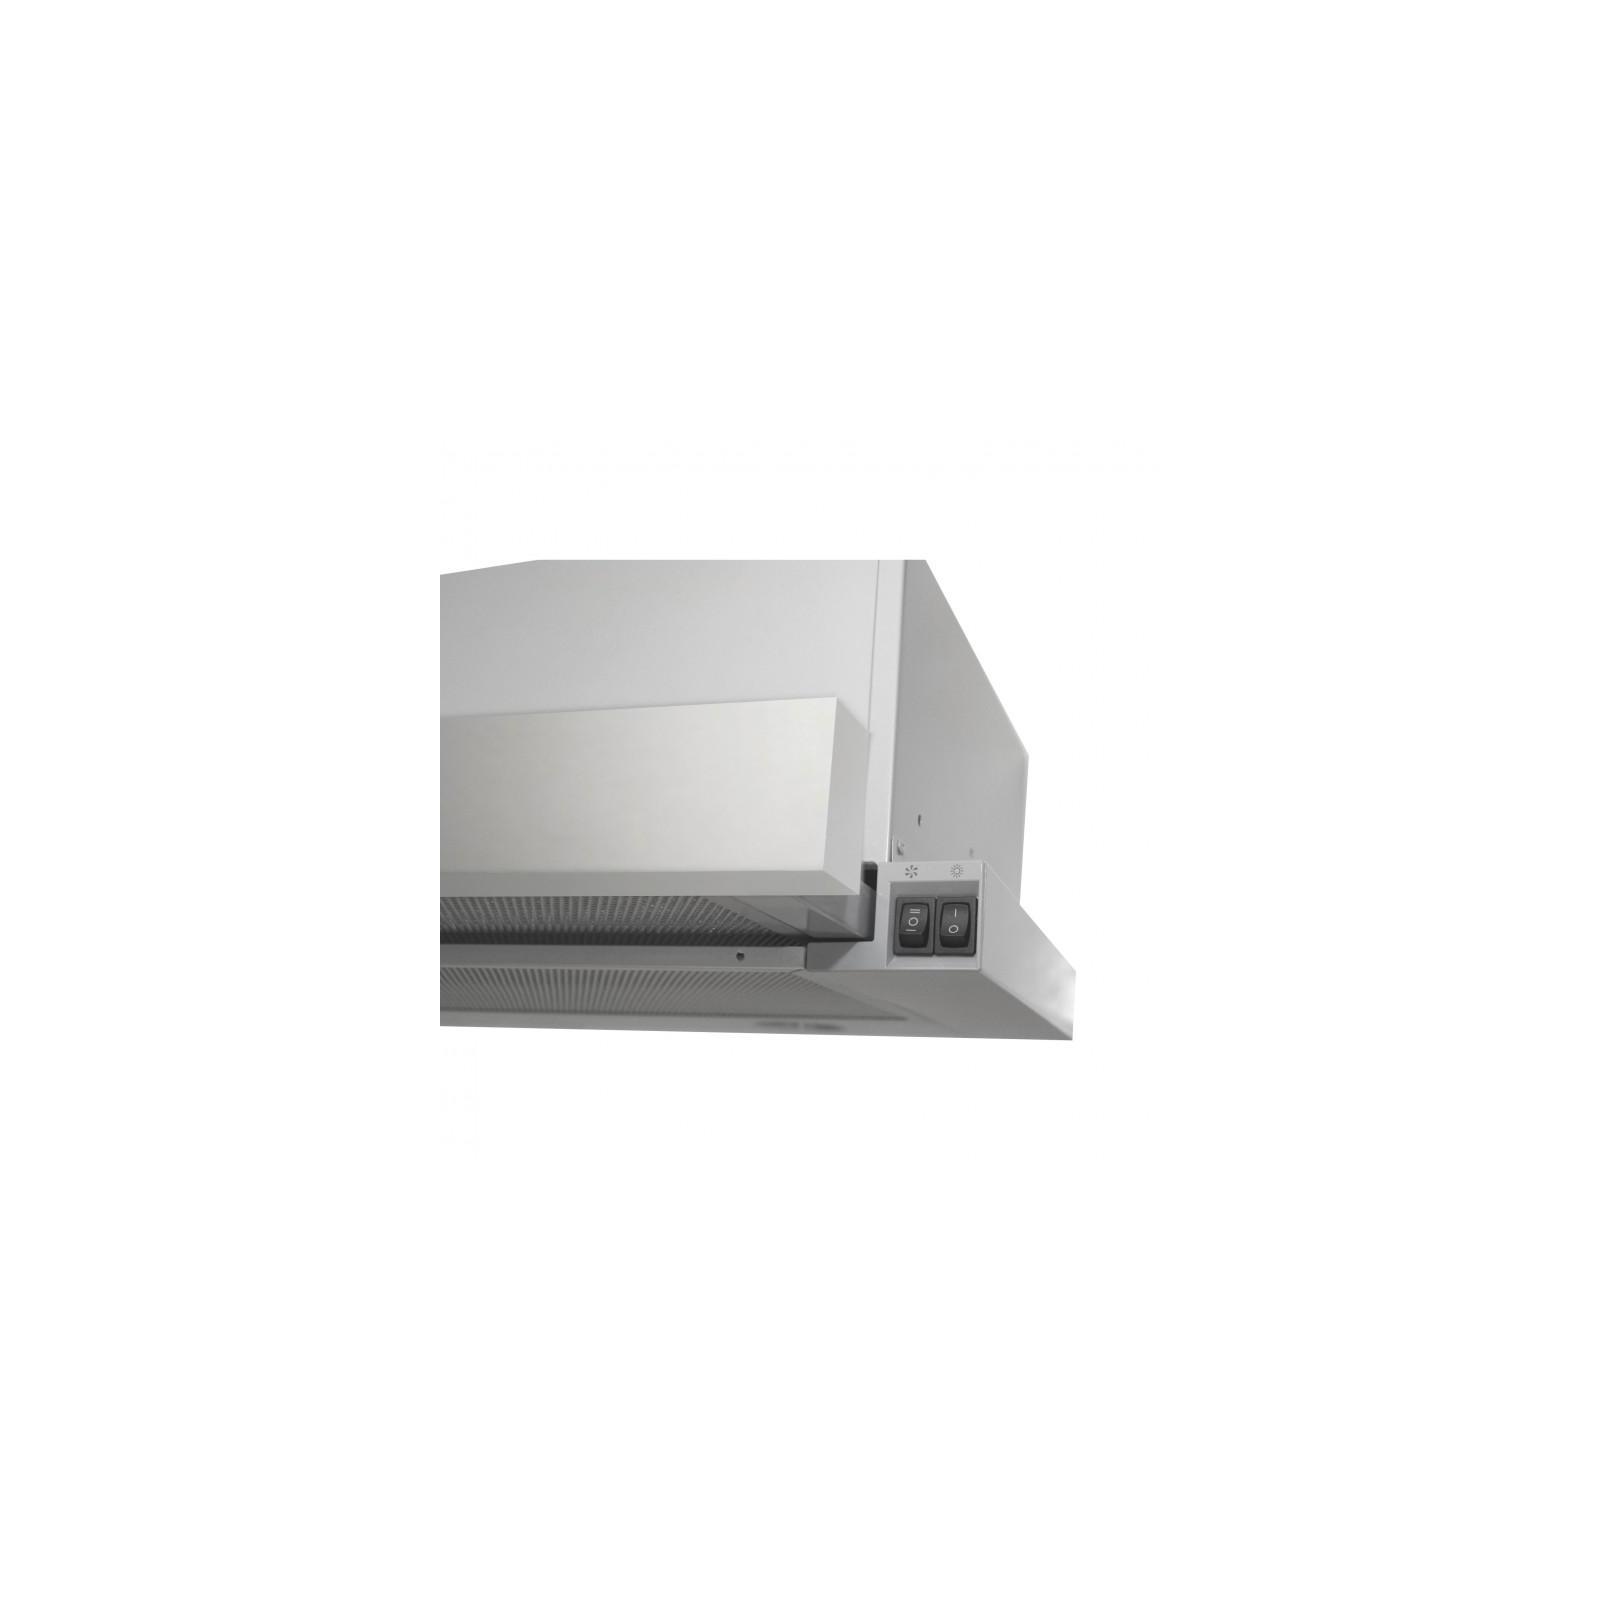 Вытяжка кухонная Eleyus Cyclon 700 50 IS+GR изображение 8